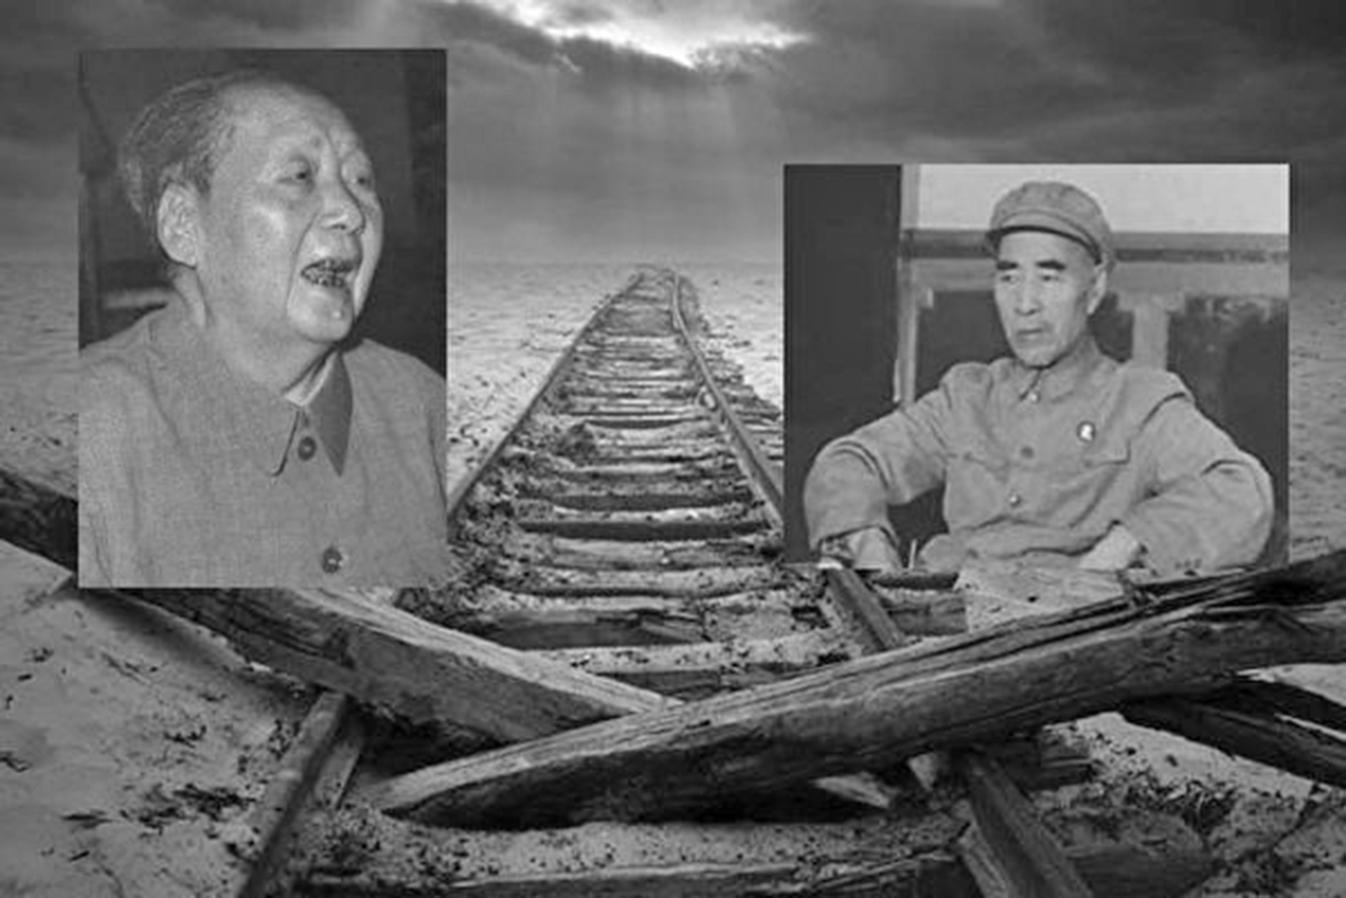 毛澤東的接班人林彪在蒙古離奇死亡。(大紀元合成)